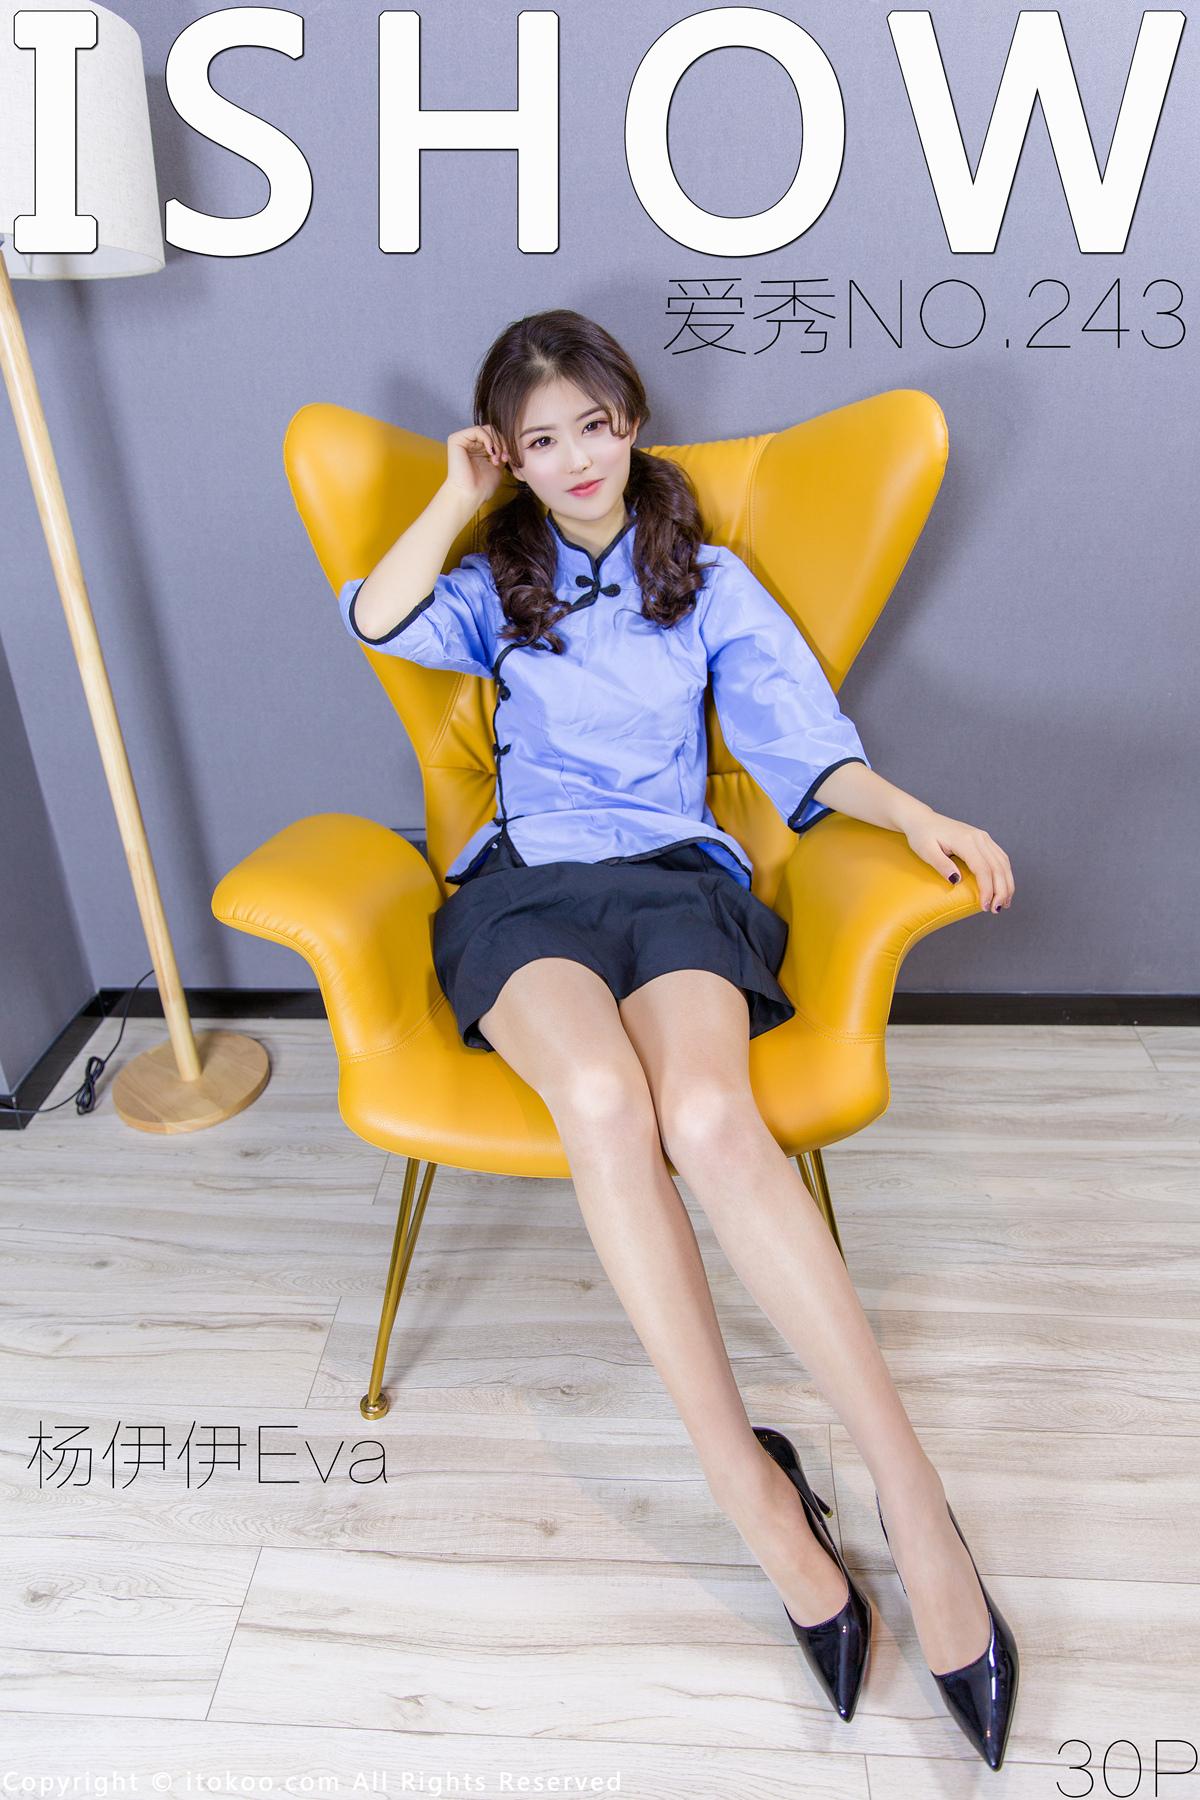 【IShow愛秀系列】2020-11-28 NO.243 楊伊伊Eva 絲襪高跟美腿【31P】 - 貼圖 - 絲襪美腿 -